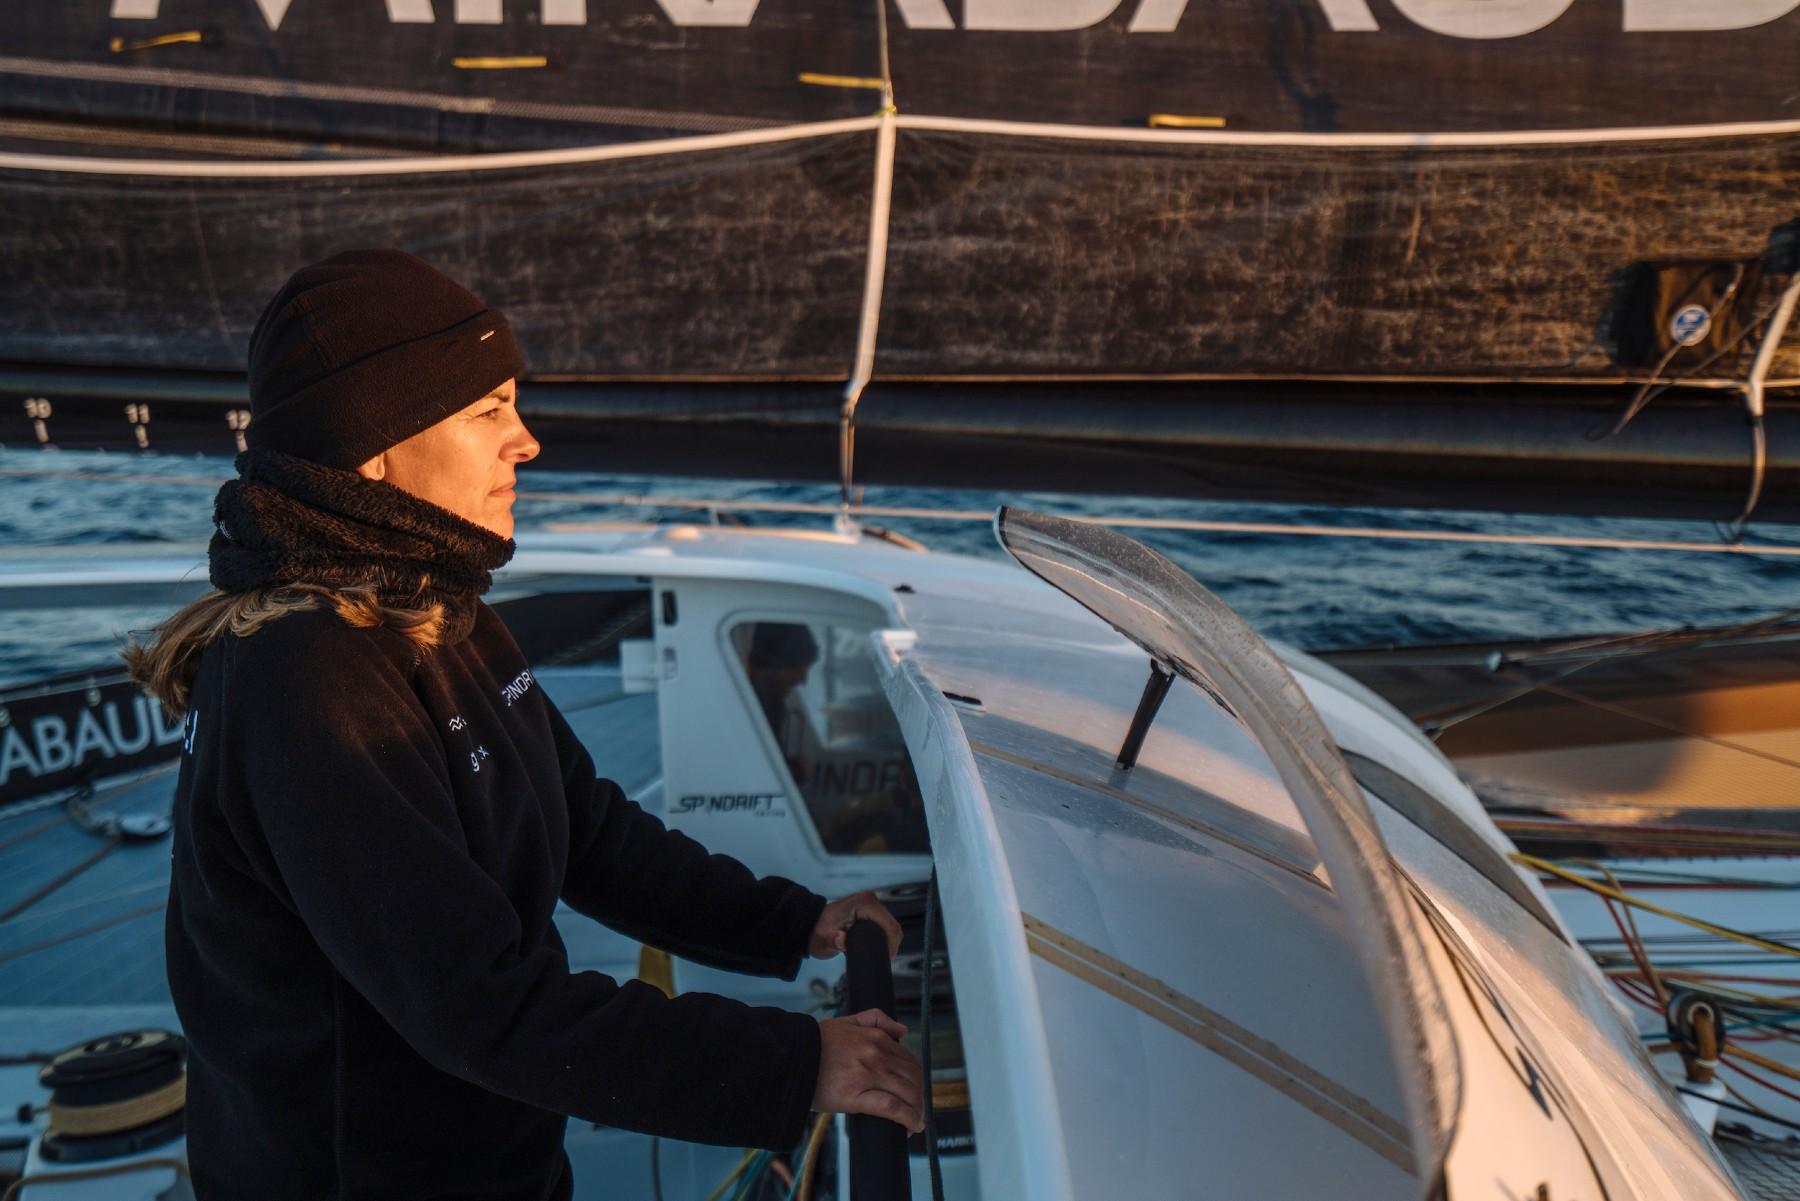 Dona Bertarelli sailing